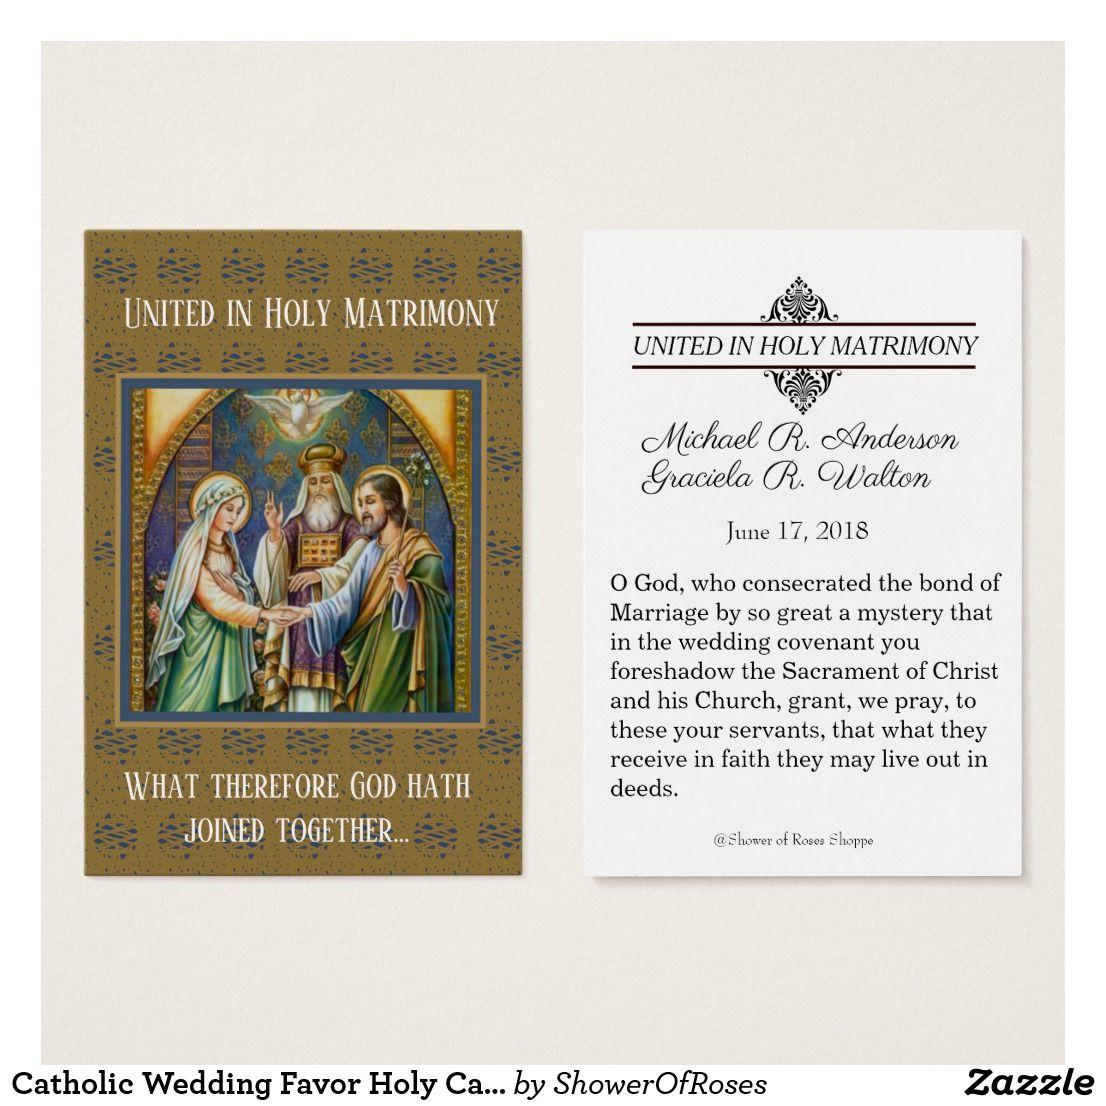 Catholic Wedding Favor Holy Card Bride Groom | Catholic wedding ...